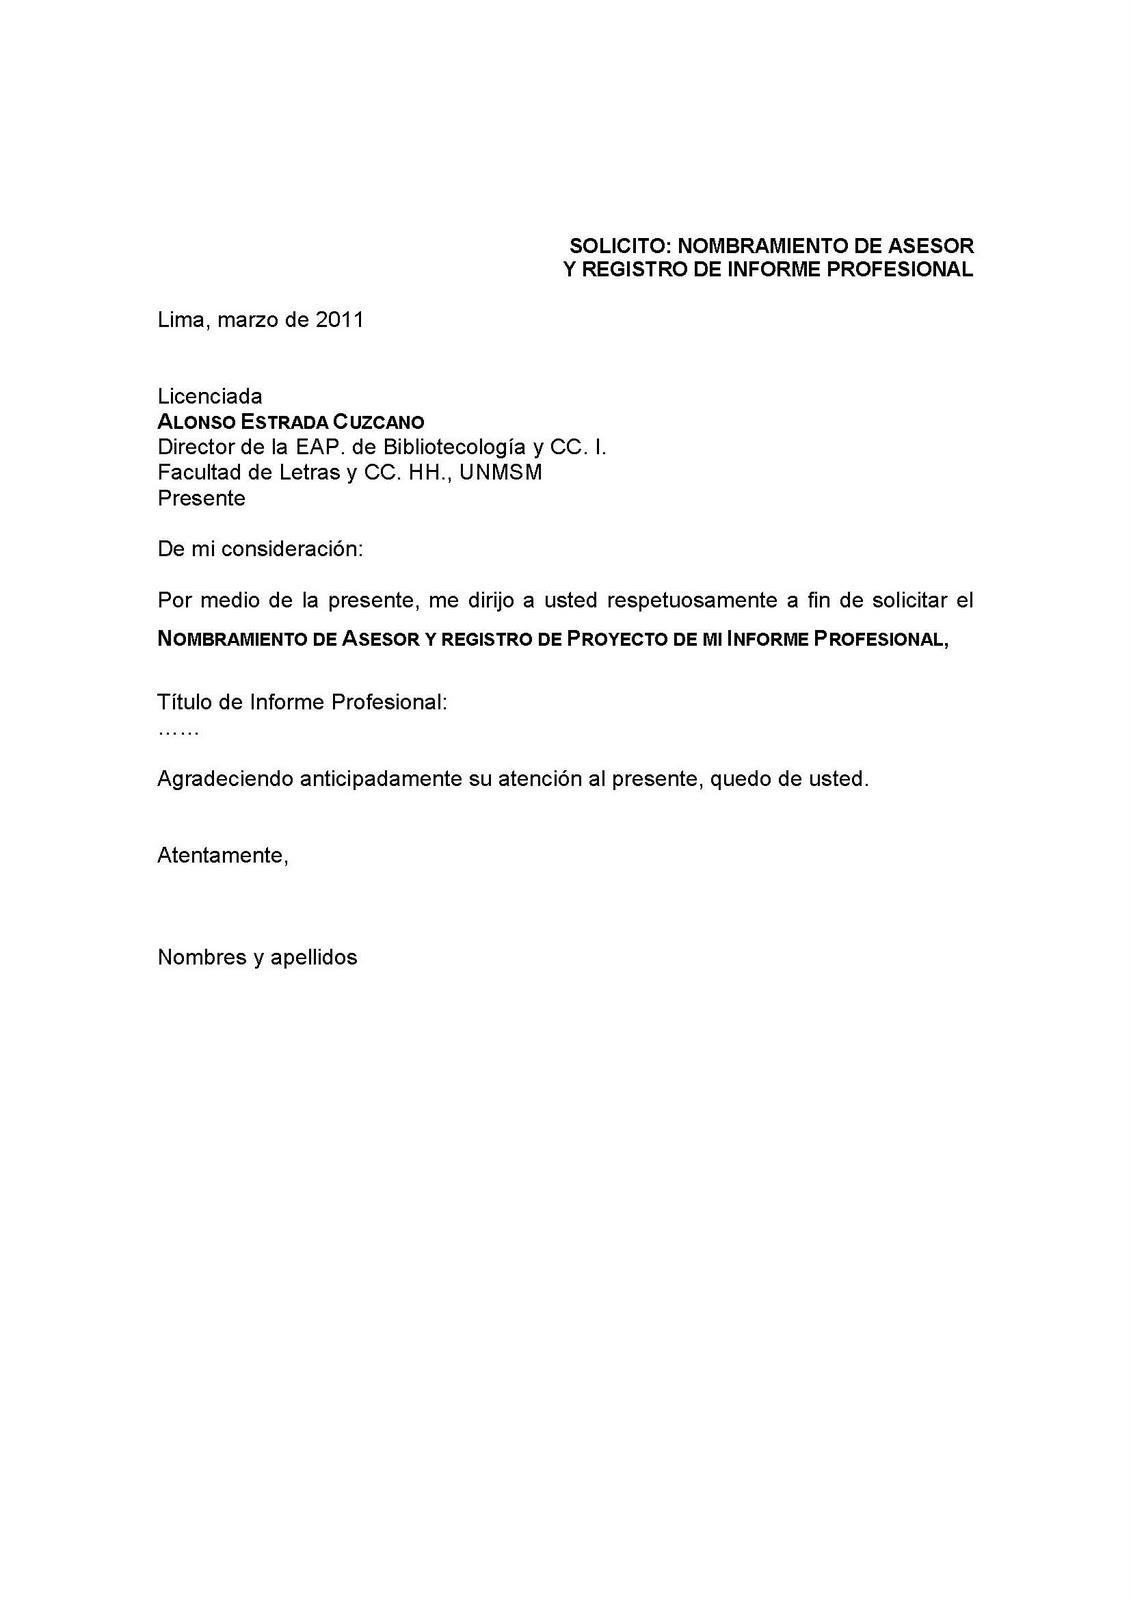 Escuela de Bibliotecología y CC.II. - UNMSM: Prórroga del ...